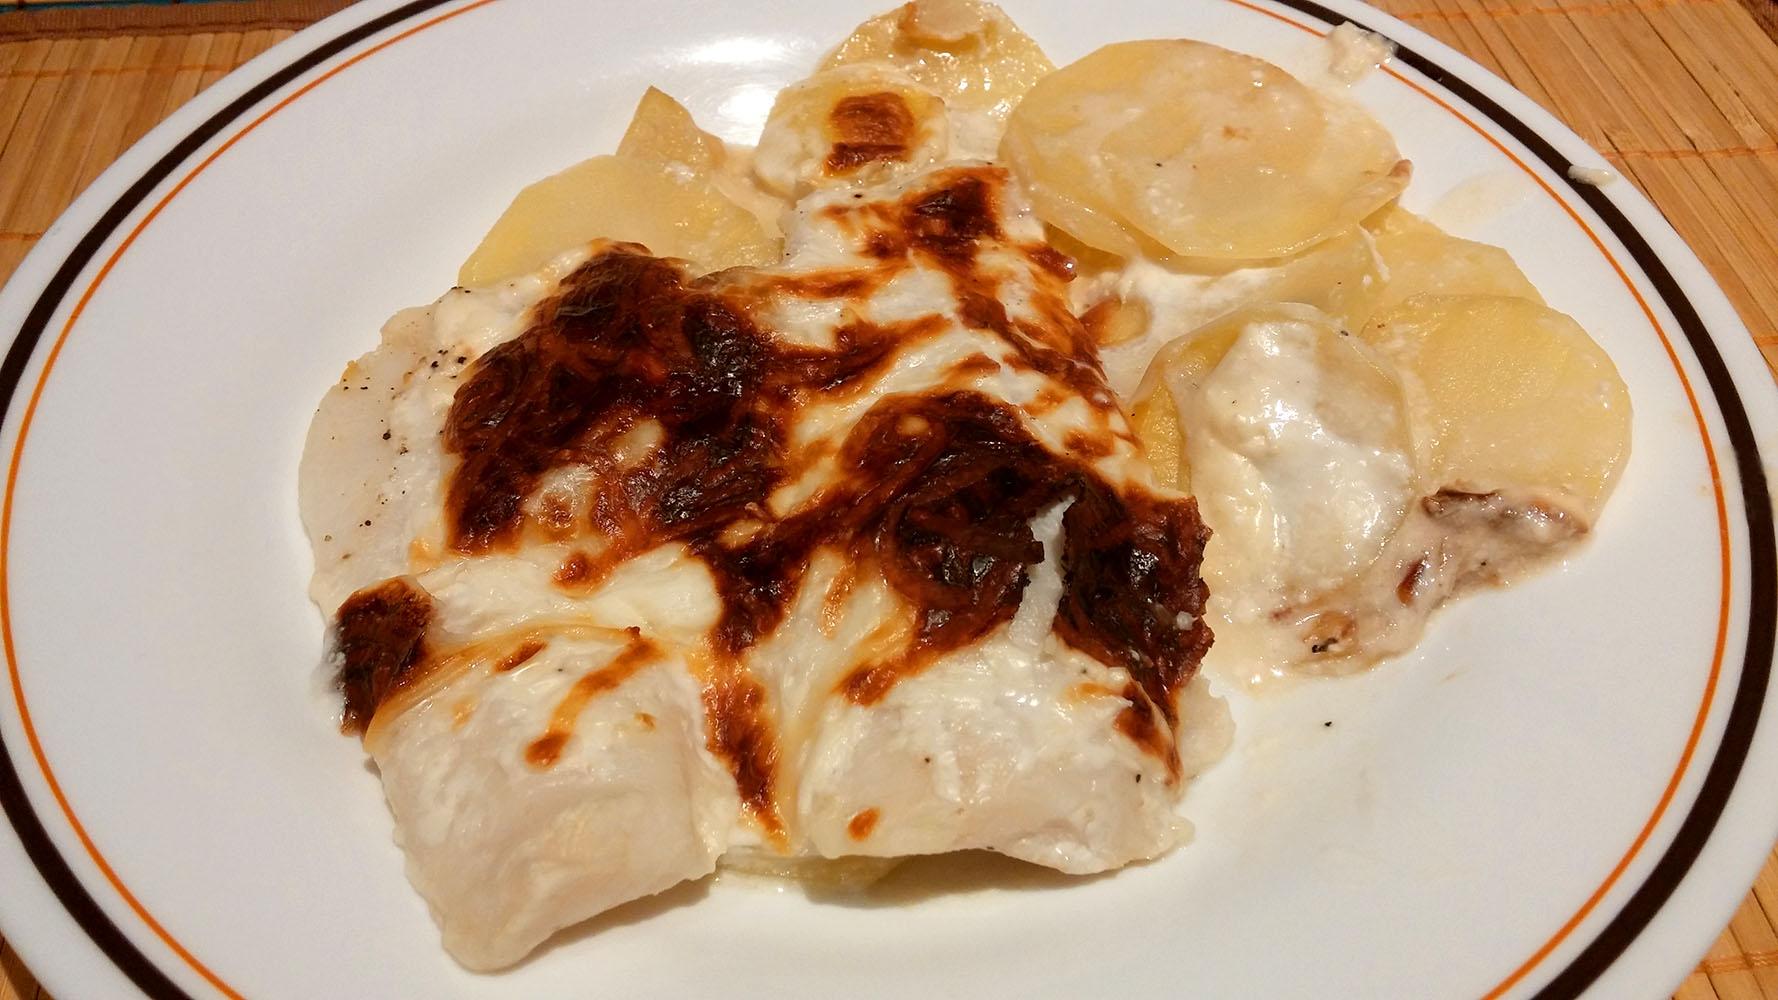 Merluza al horno con patatas y nata no me comes nada - Merluza rellena de marisco al horno ...